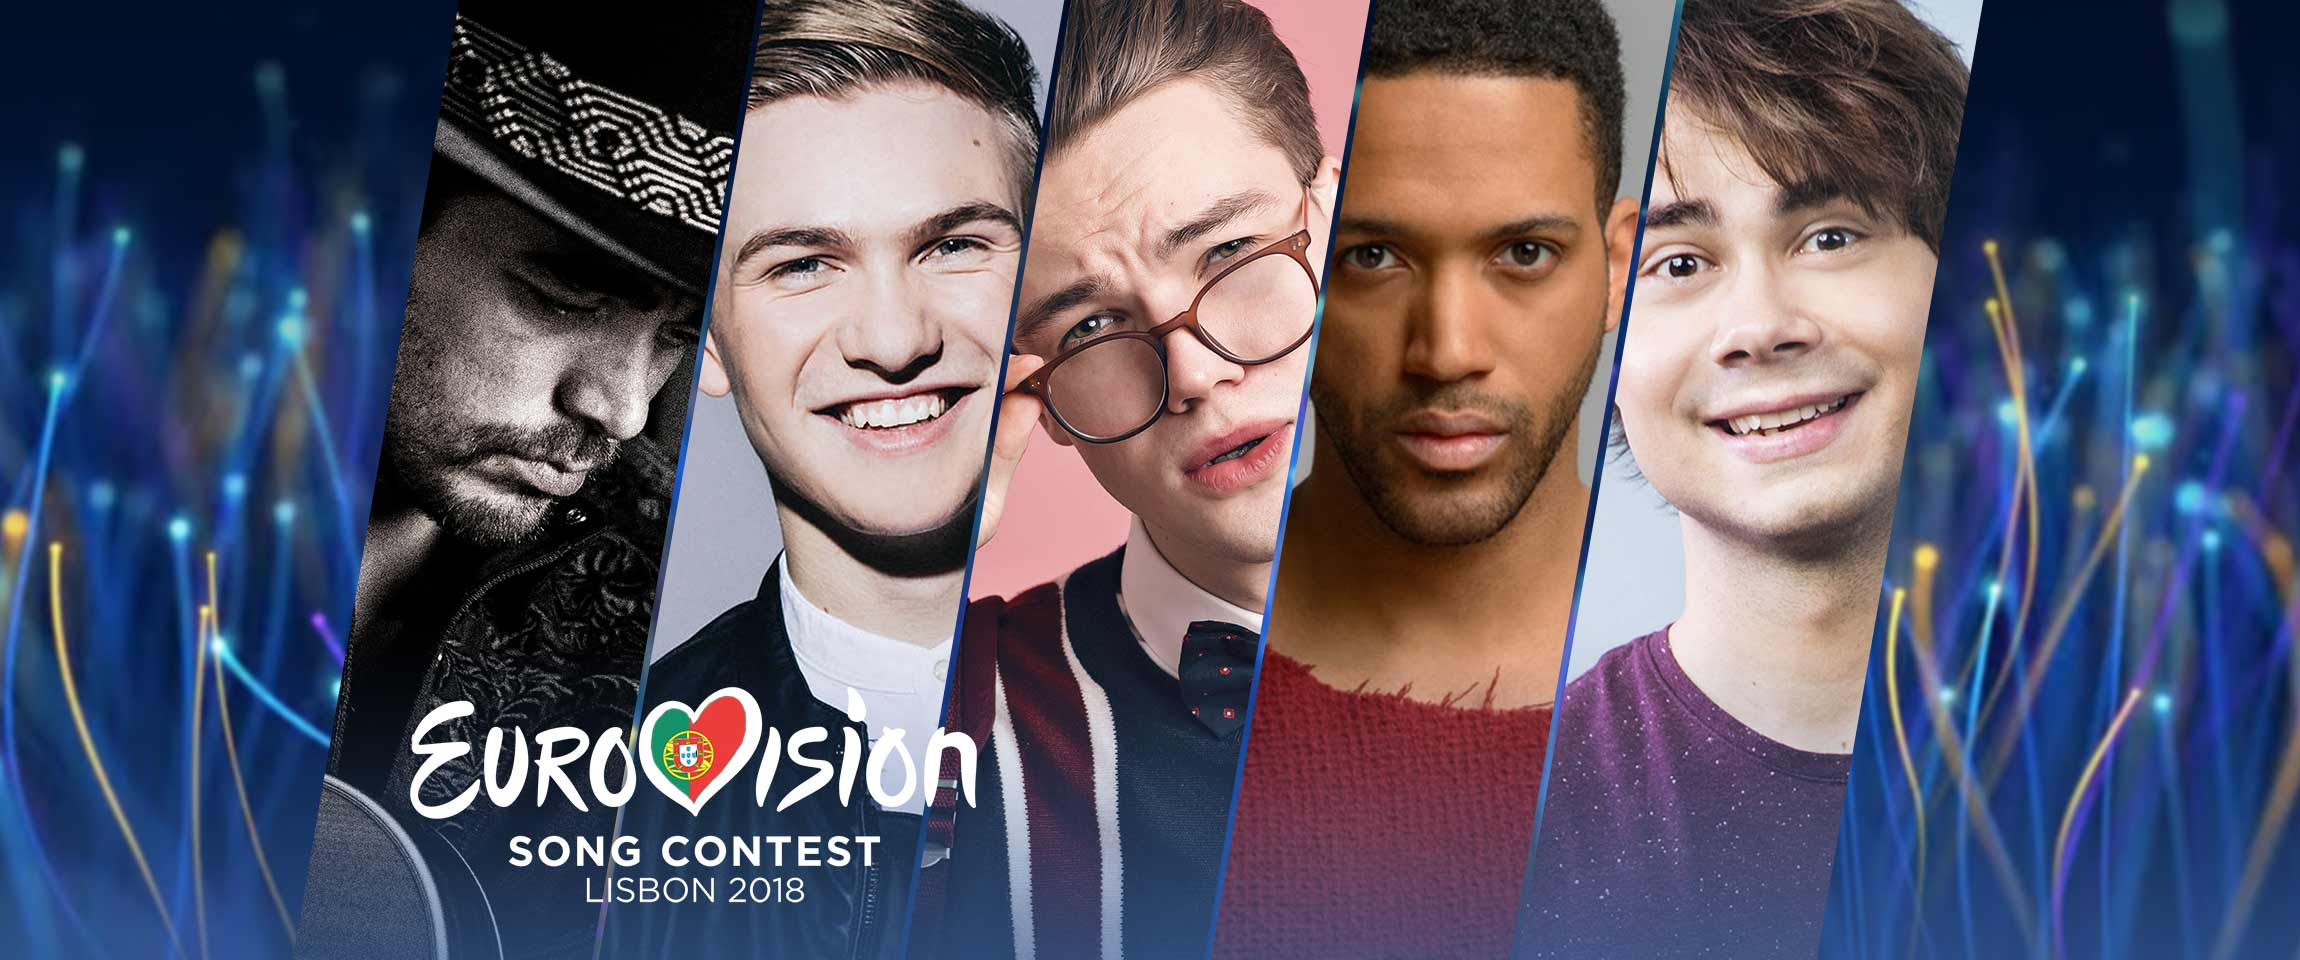 InstaVision - Eurovision Hotties ROMEO Lisbon